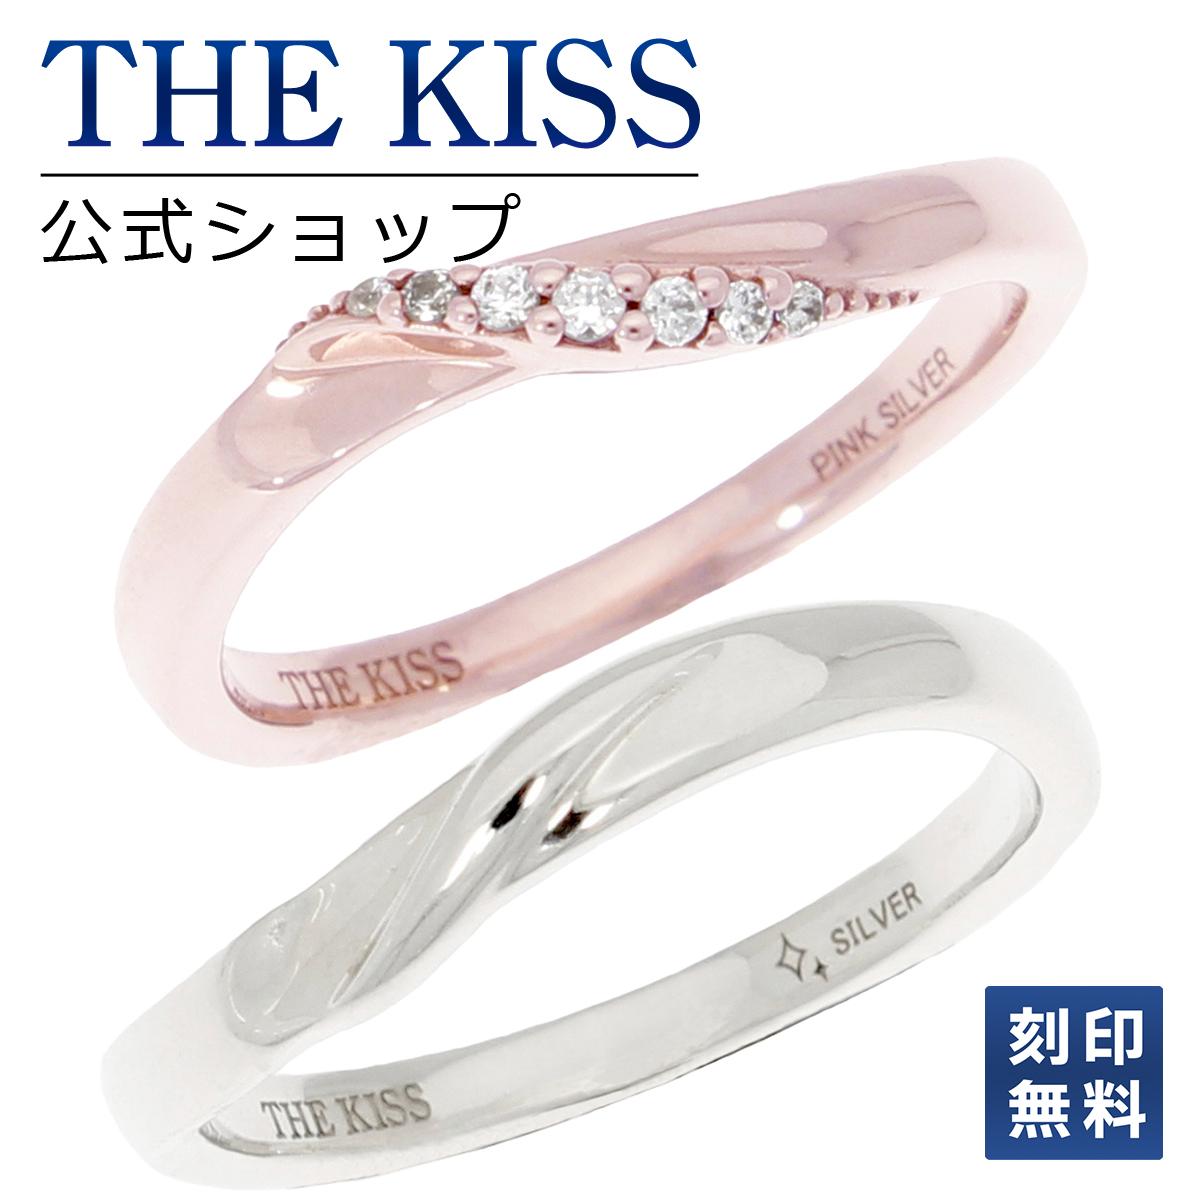 【刻印可_3文字】【あす楽対応】THE KISS 公式サイト シルバー ペアリング ダイヤモンド ペアアクセサリー カップル に 人気 の ジュエリーブランド THEKISS ペア リング・指輪 記念日 プレゼント PSV800CB-PSR827 セット シンプル ザキス 【送料無料】